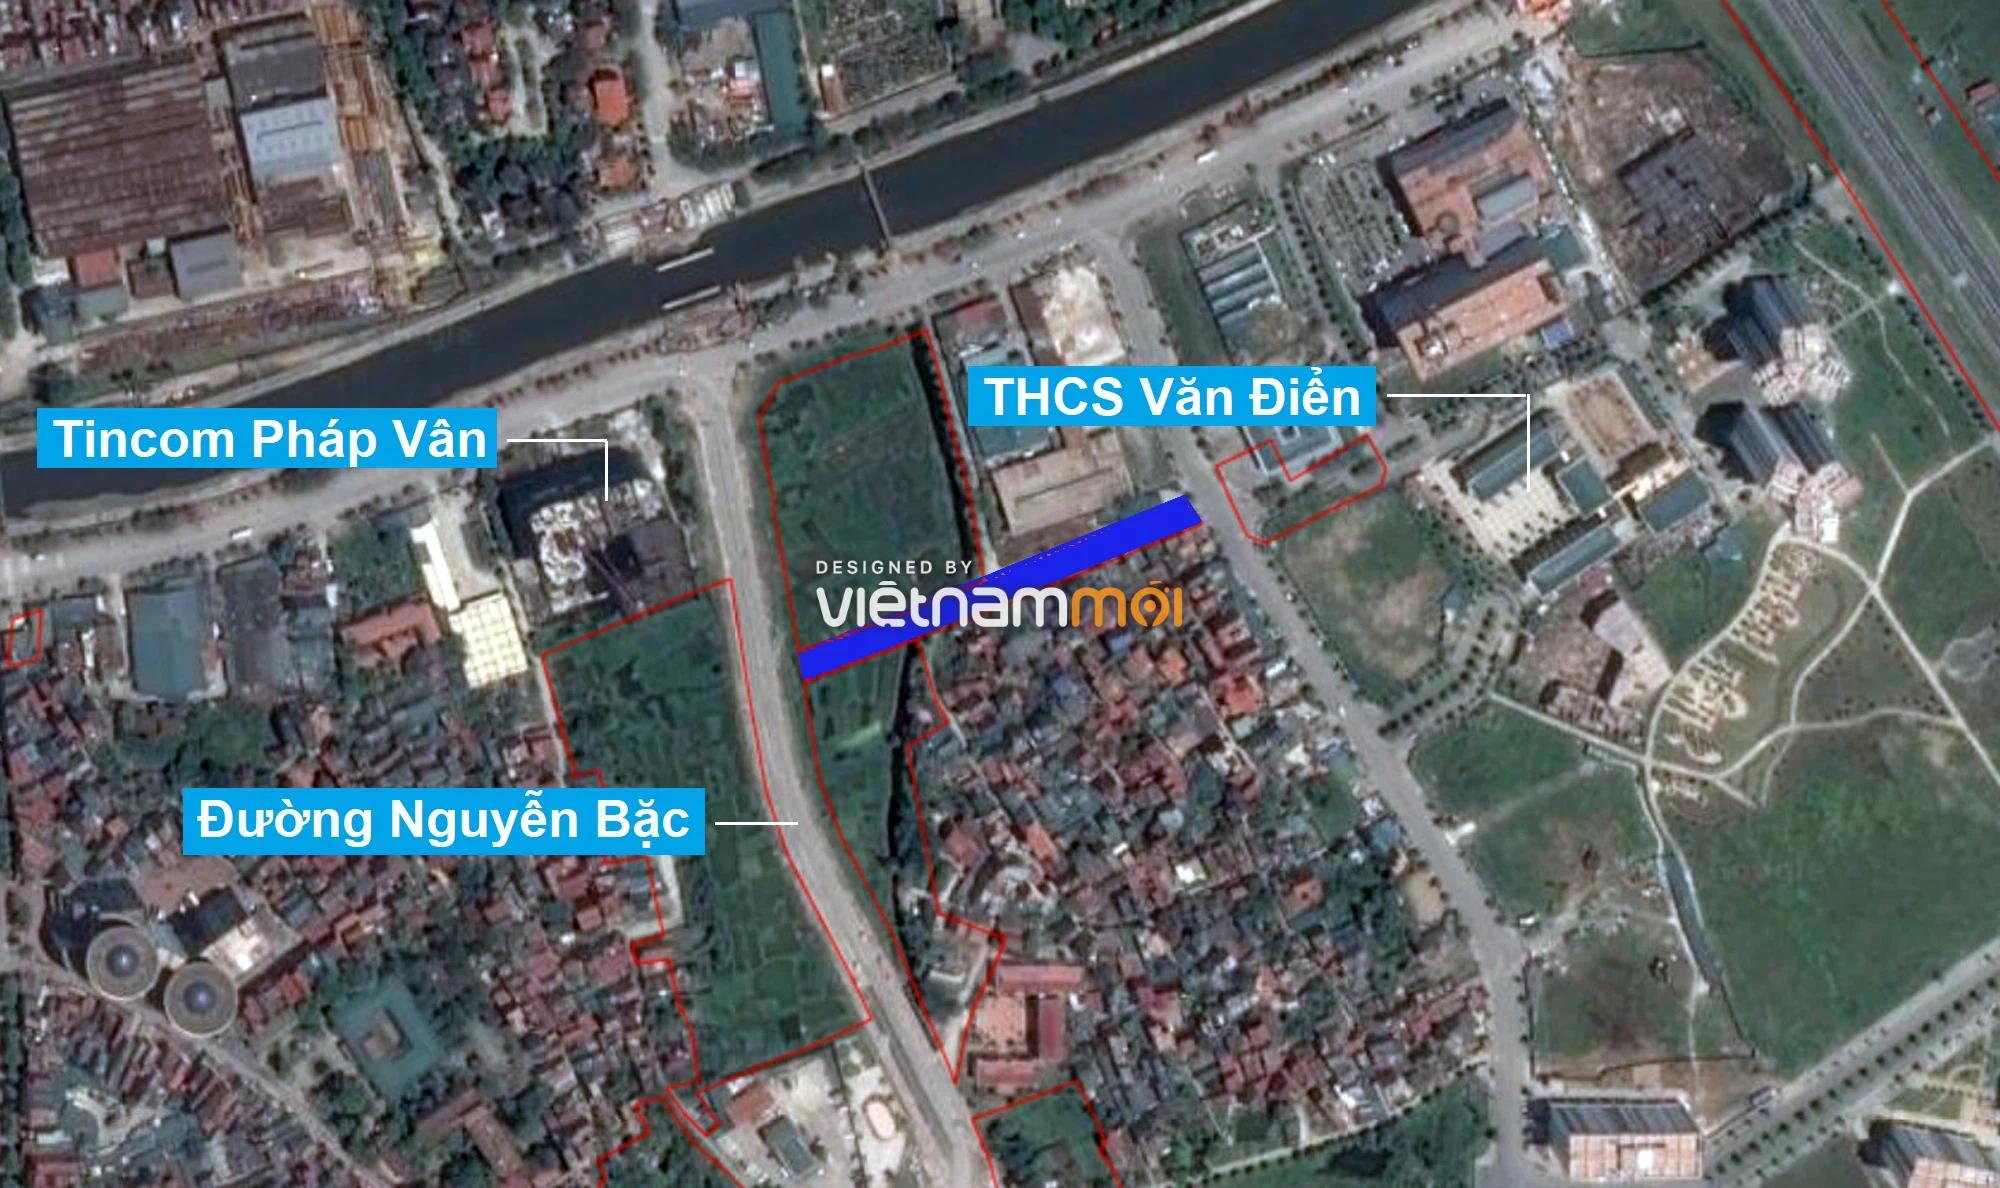 Những khu đất sắp thu hồi để mở đường ở xã Tứ Hiệp, Thanh Trì, Hà Nội (phần 1) - Ảnh 2.